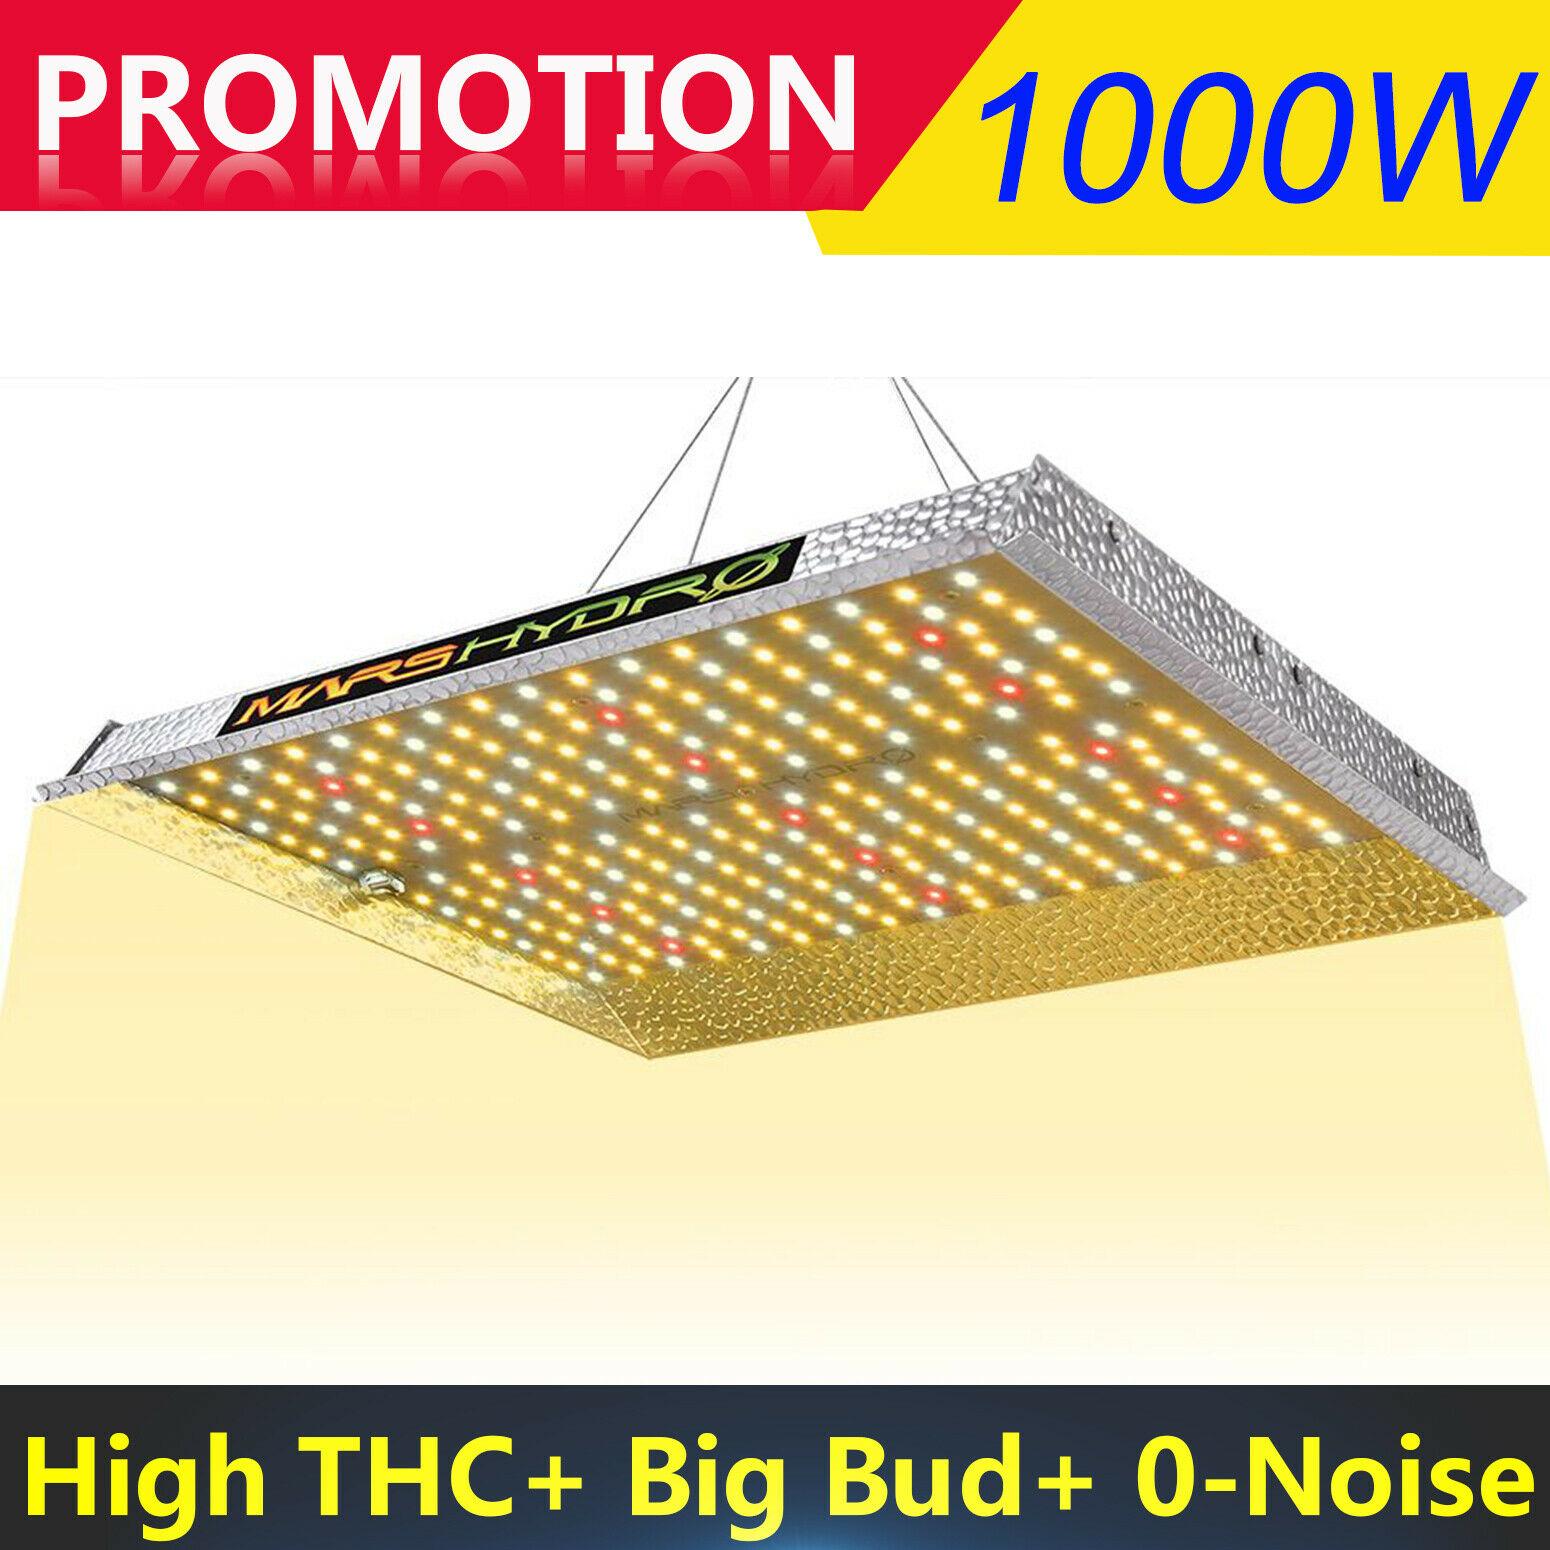 TS 1000W MarsHydro cresce a luz led Full spectrum indoor sistema hidropônico levou crescer luz planta Crescer tenda e Crescer luzes Do Painel